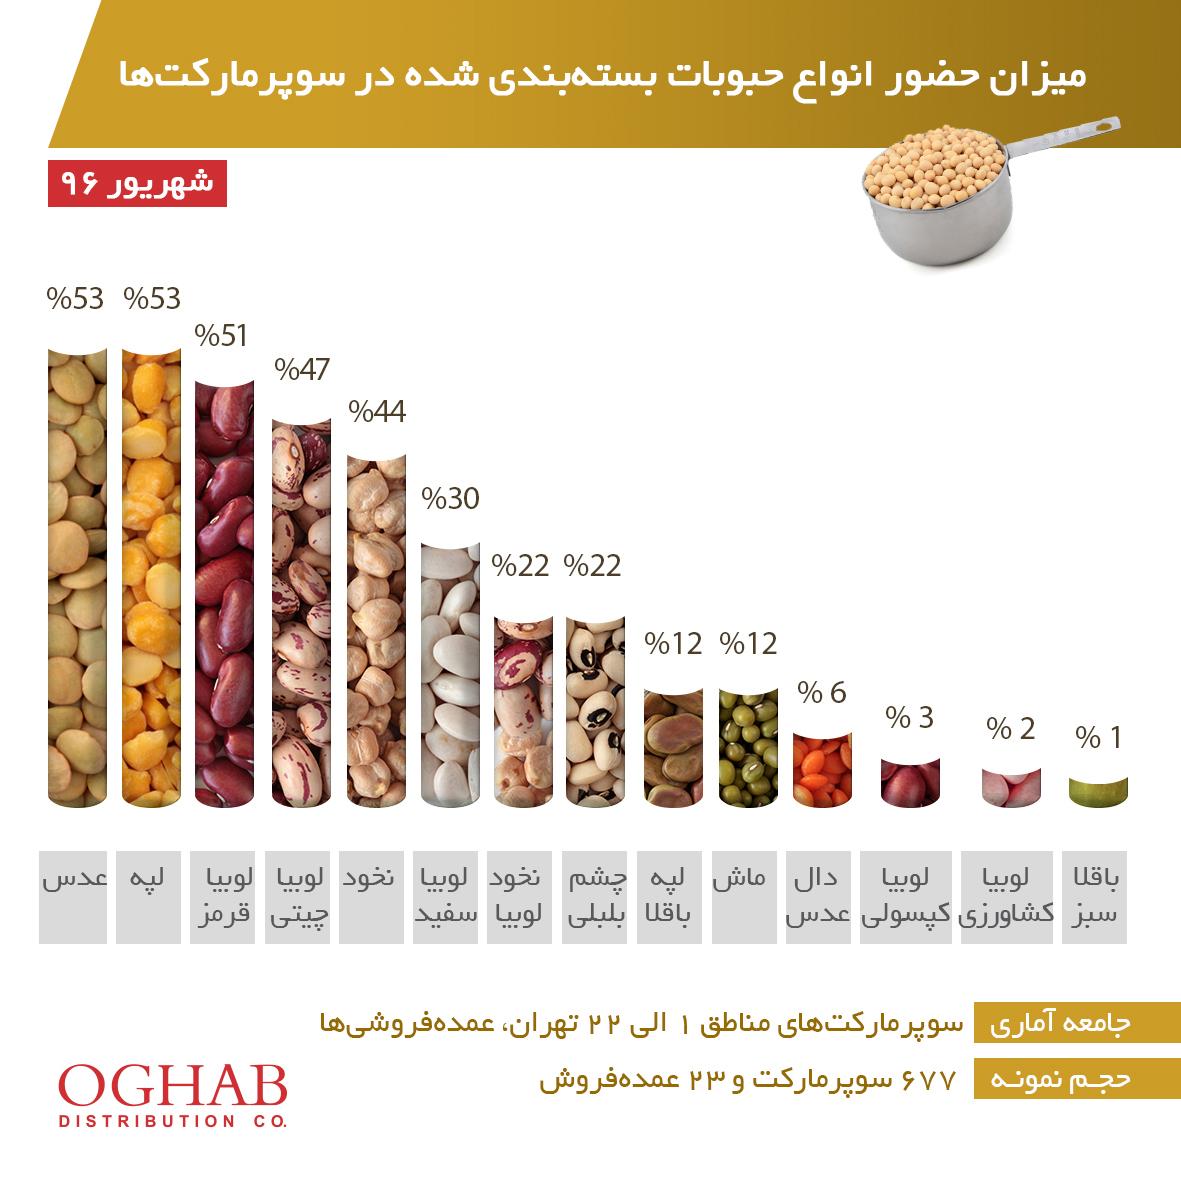 میزان حضور انواع حبوبات بستهبندیشده